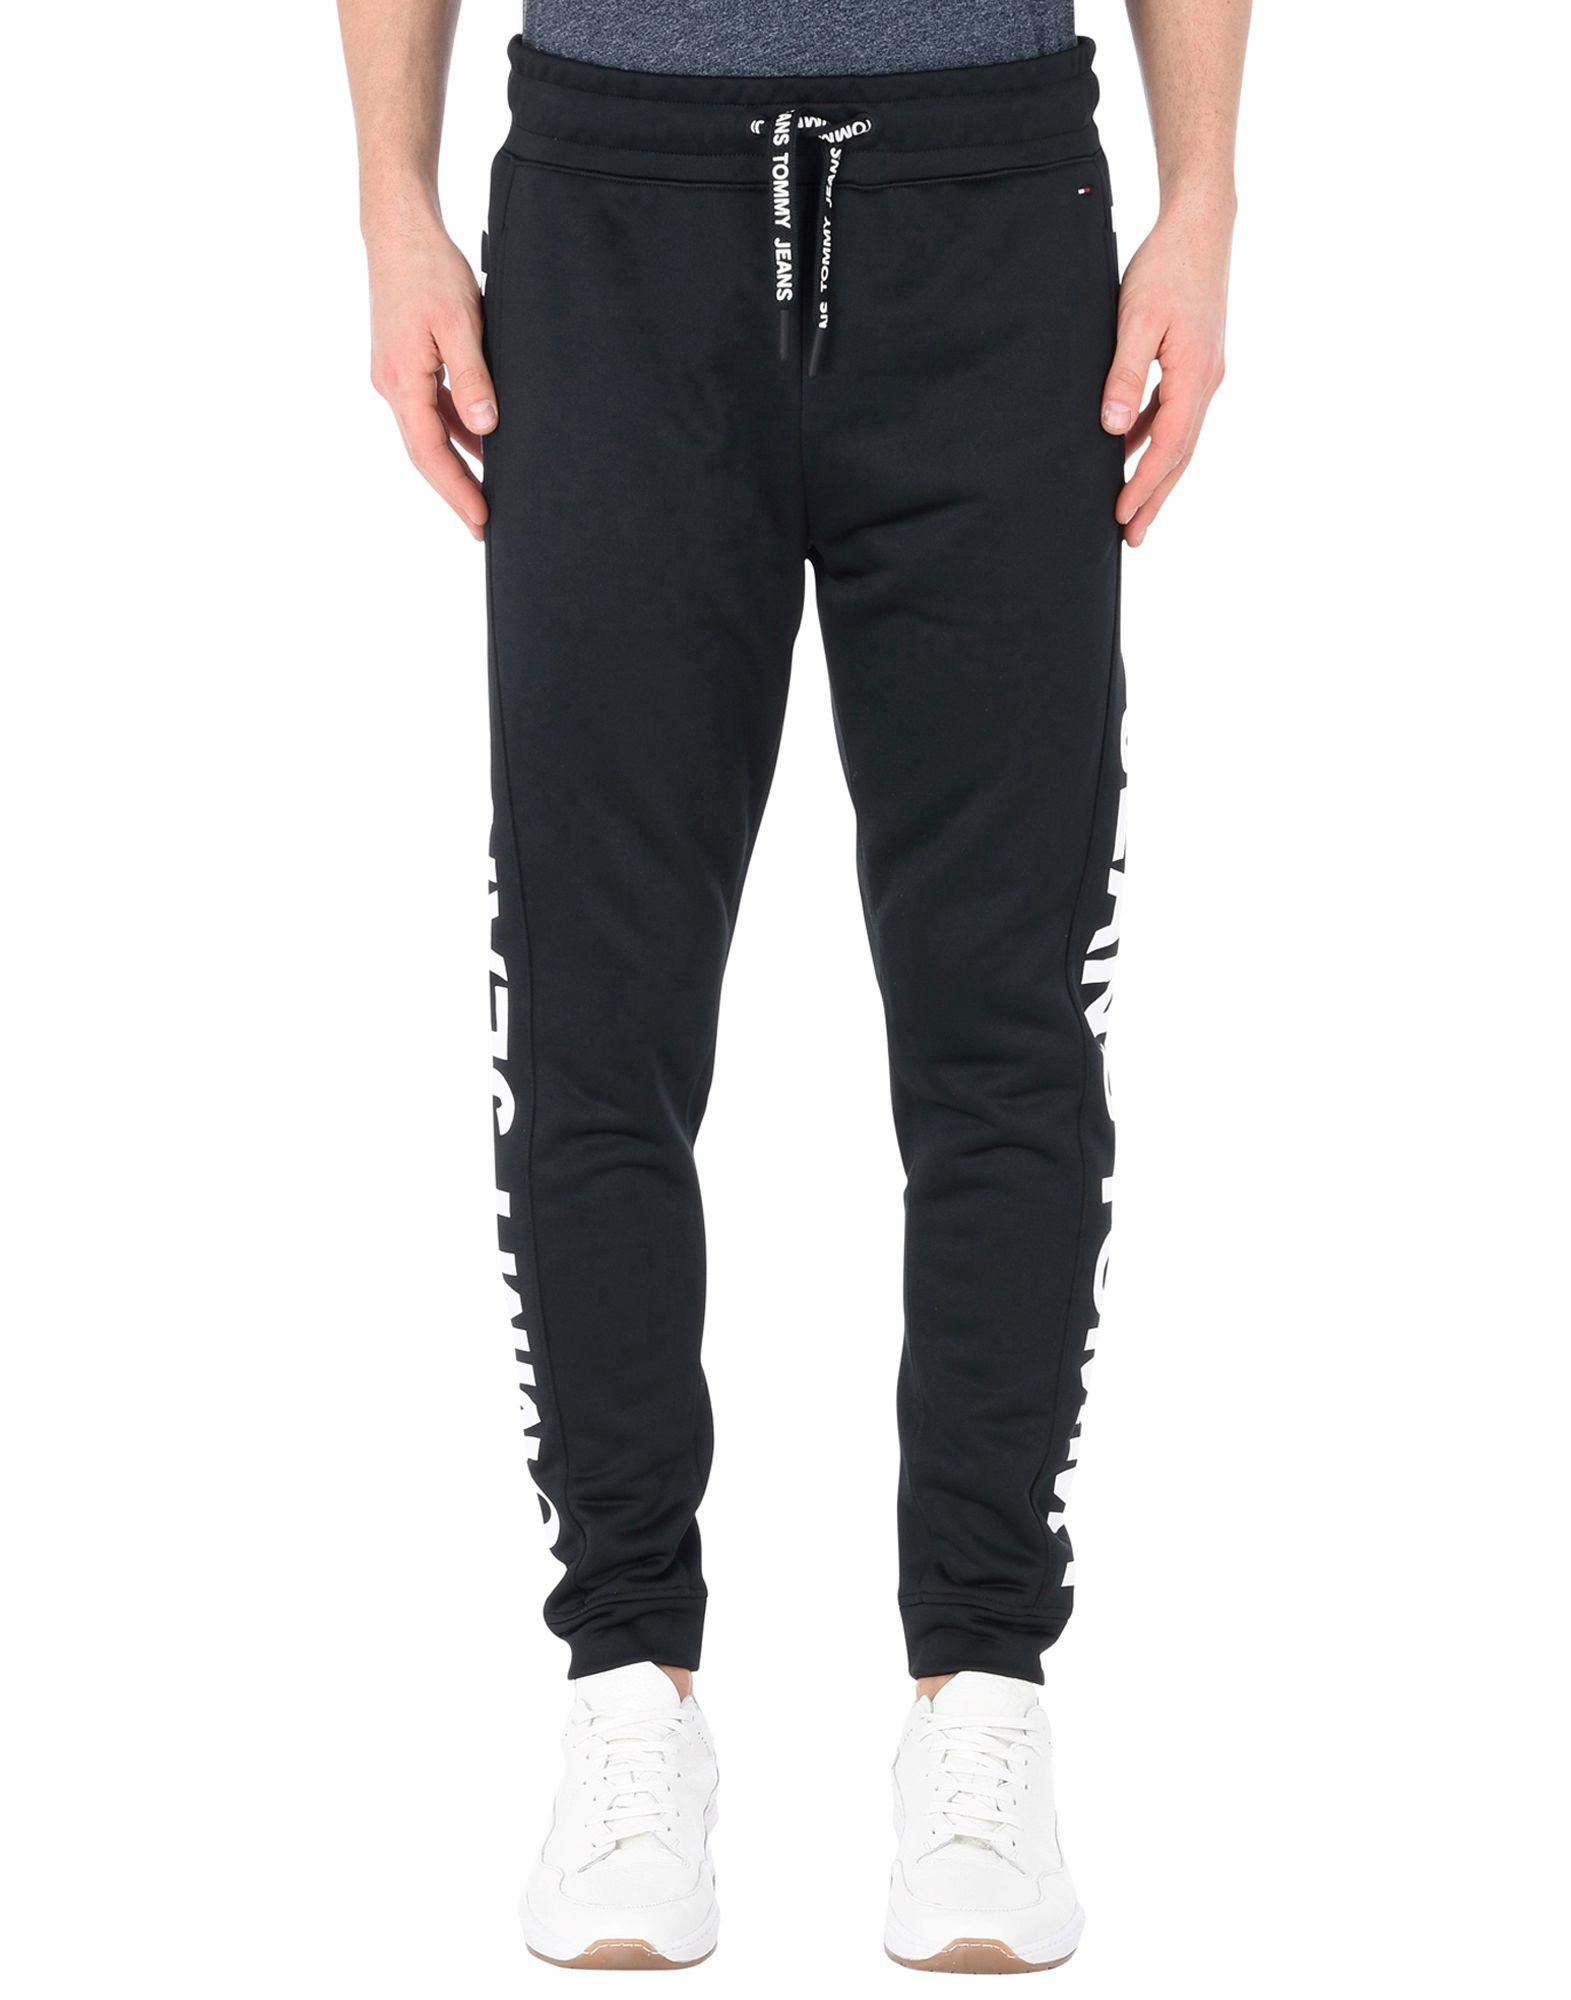 Tommy Pantalone Racer Jeans Acquista Logo Tjm su online Sweatpant Uomo TaWZw6x